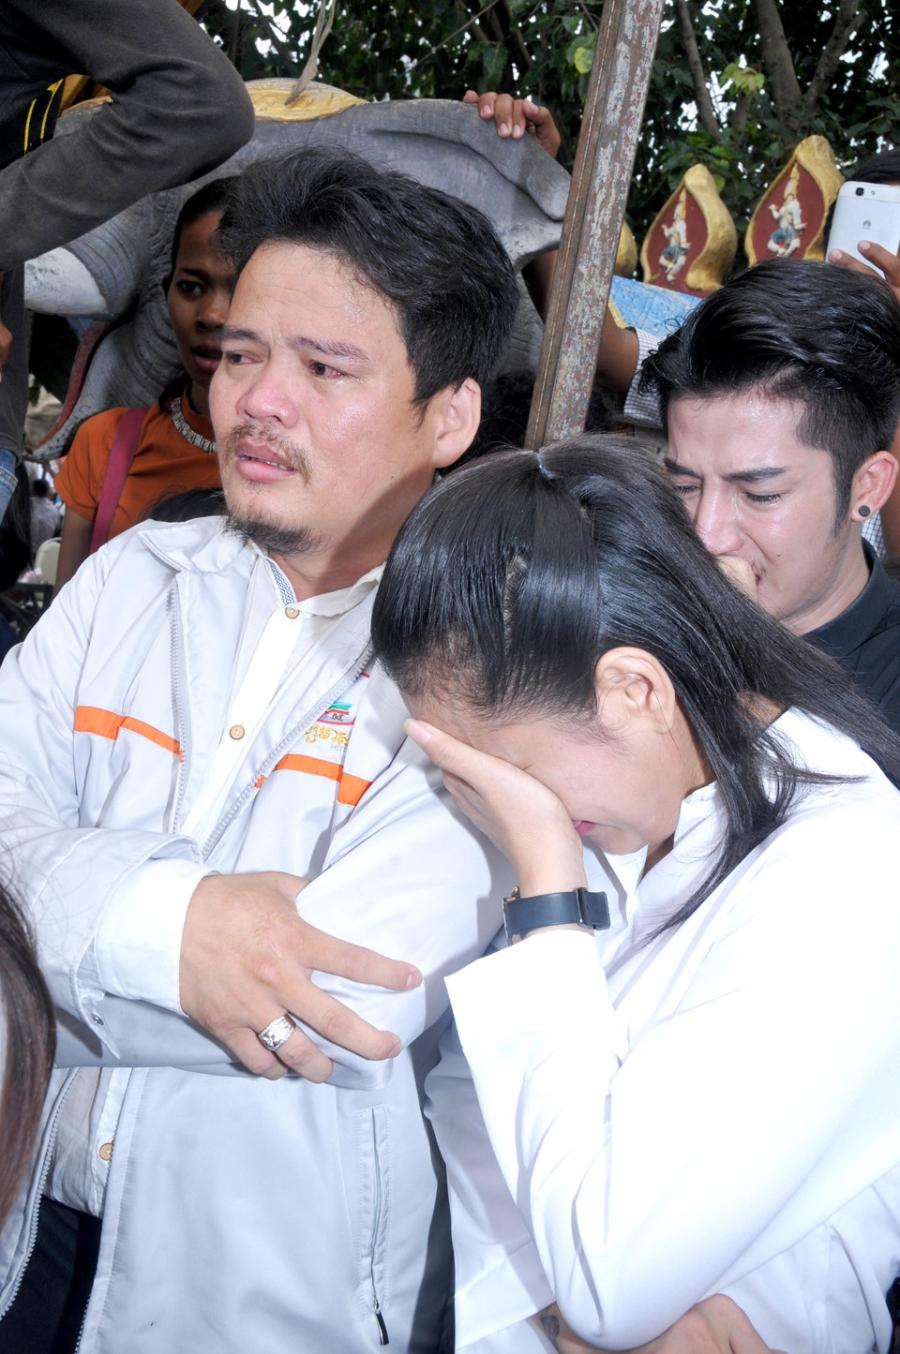 Le tang sao nu Campuchia bi chong ban chet: Nguoi tinh den vieng hinh anh 8